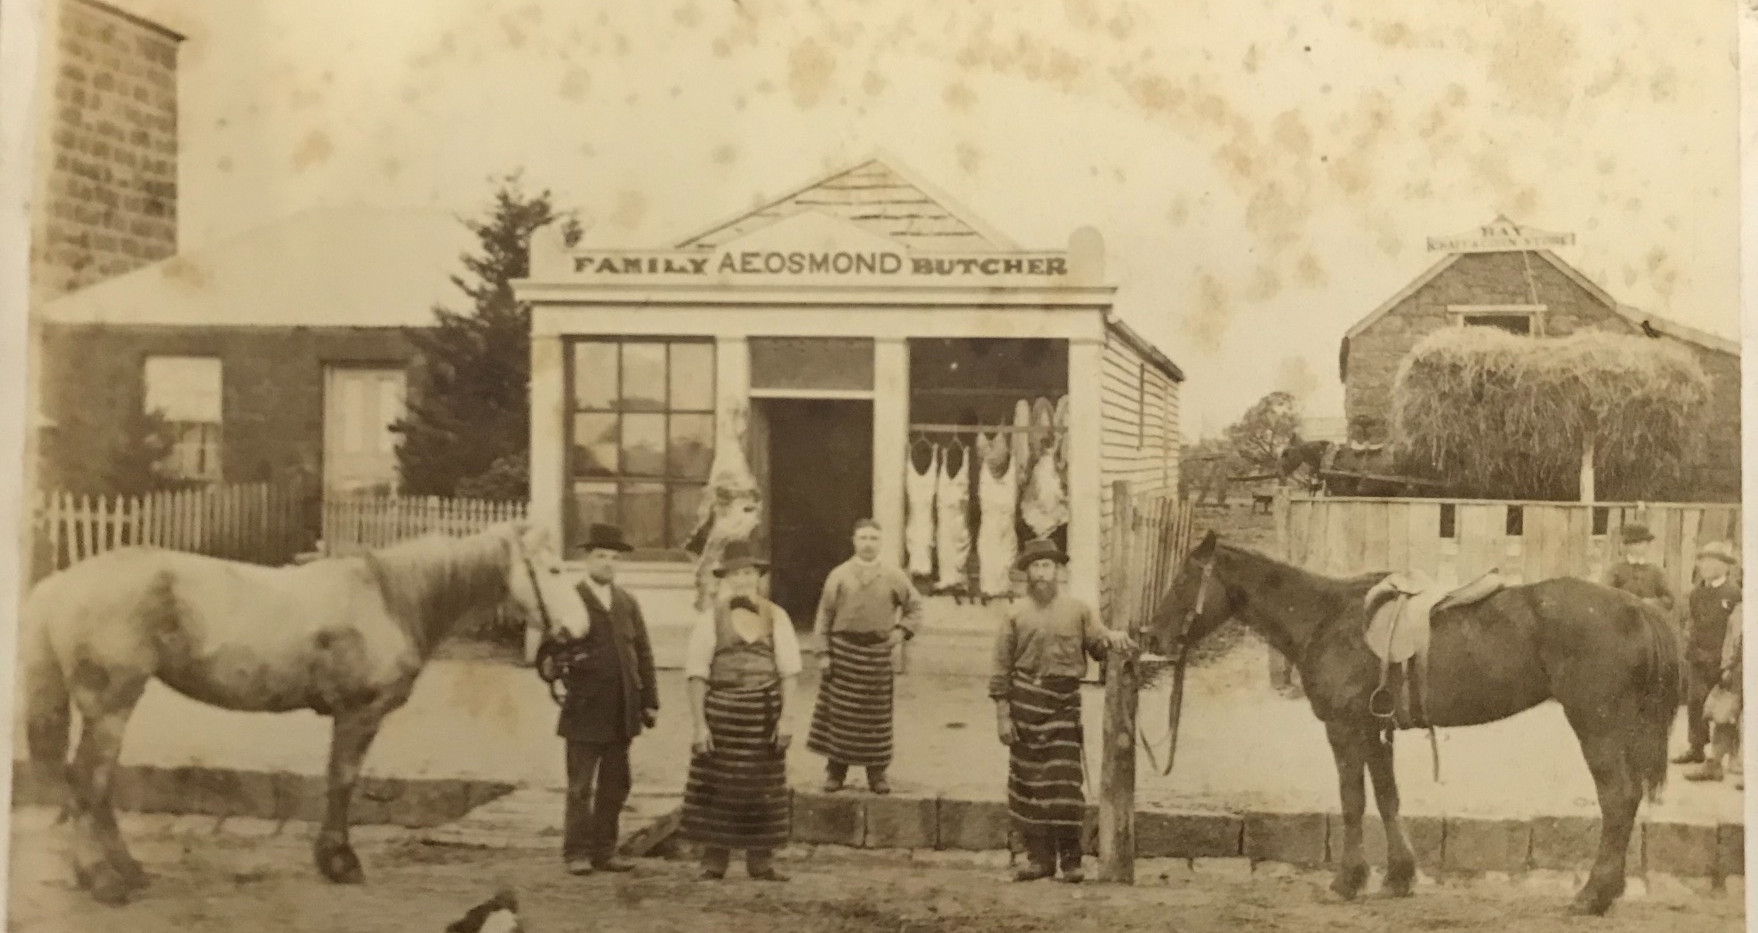 OMI_Osmond's Family Butcher 1883.jpg